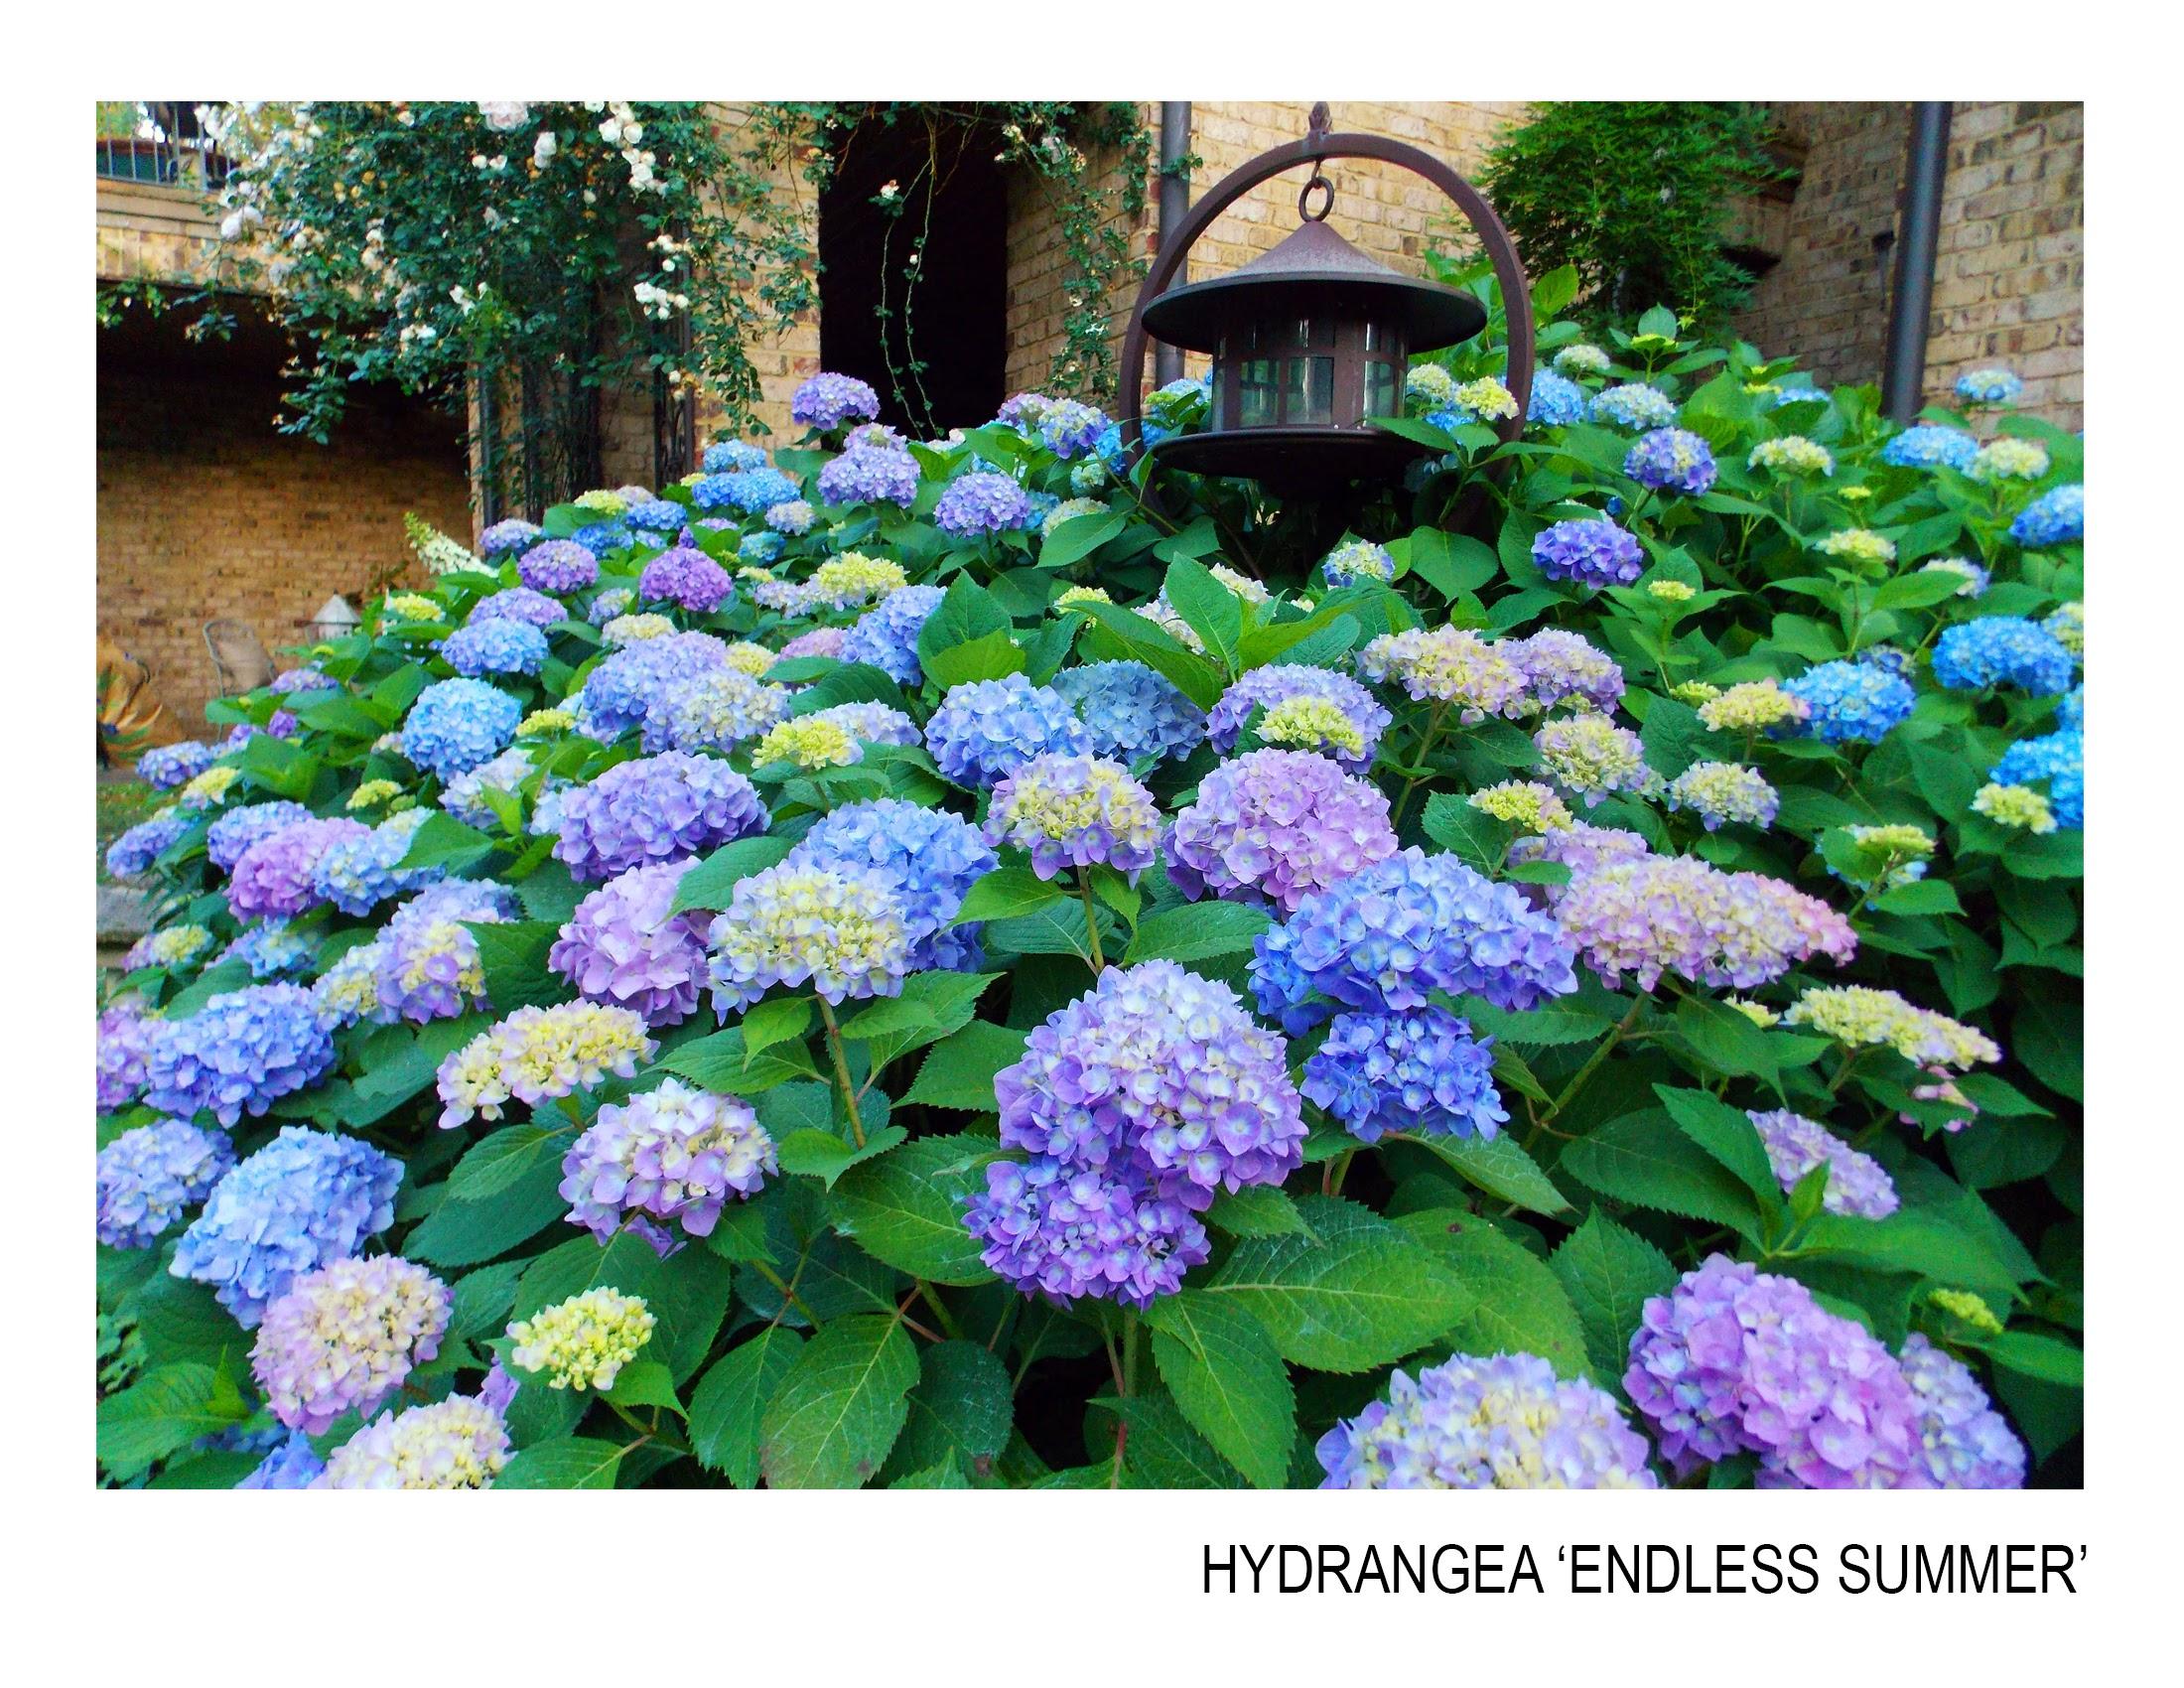 hydrangea-endless summer.jpg